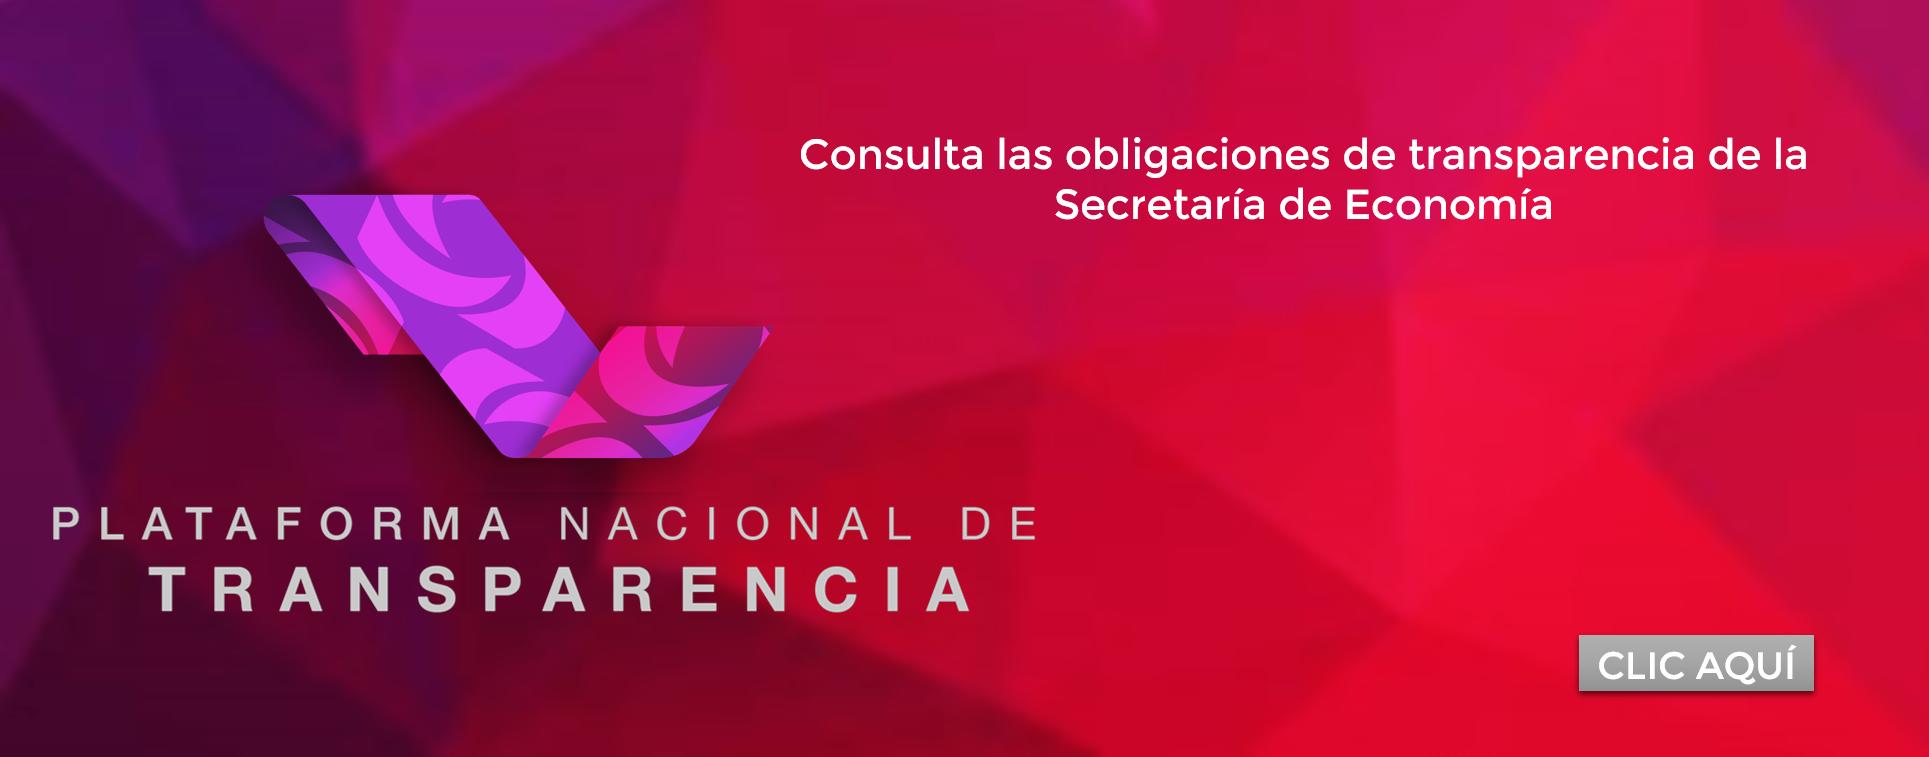 Obligaciones de Transparencia de la Secretaría de Economía